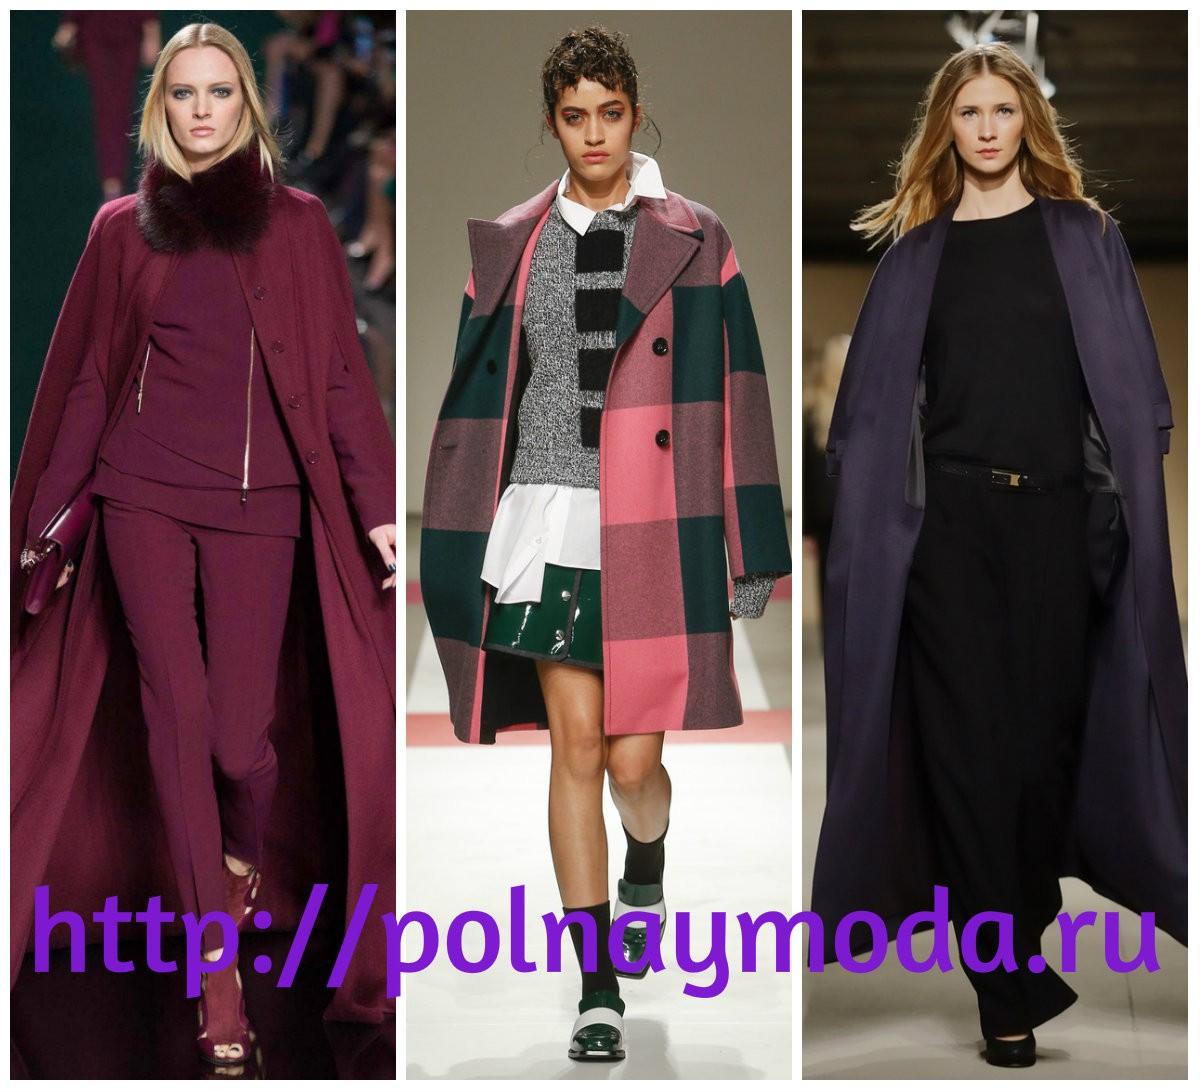 пальто для женщин длинное, макси, короткое, мода 2017 2018